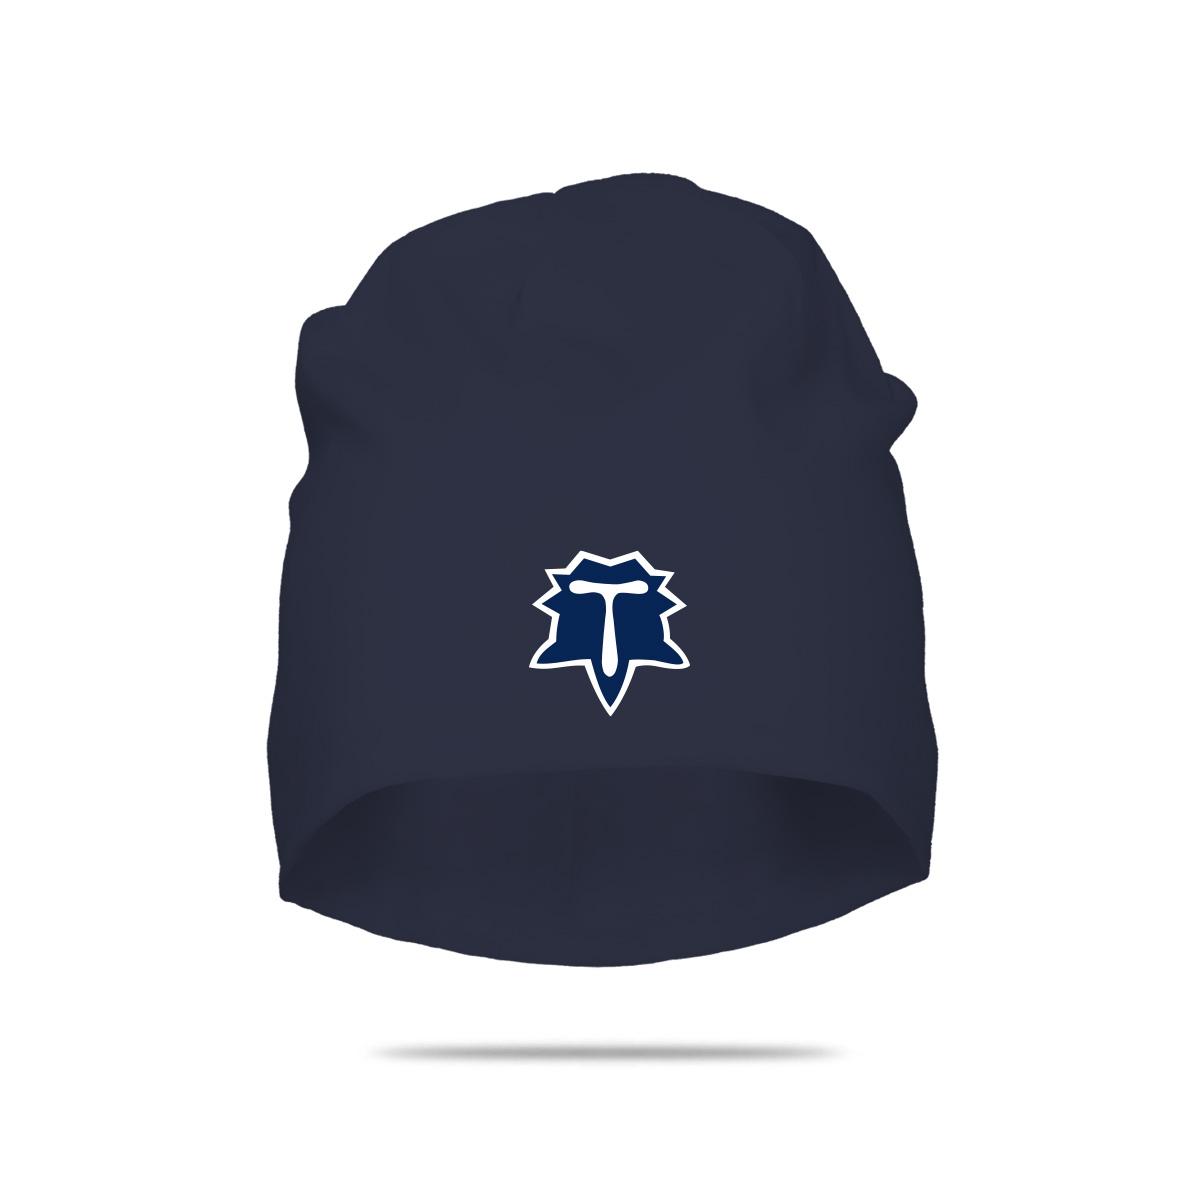 Teamprint-Pujo-Tarmo-Navy